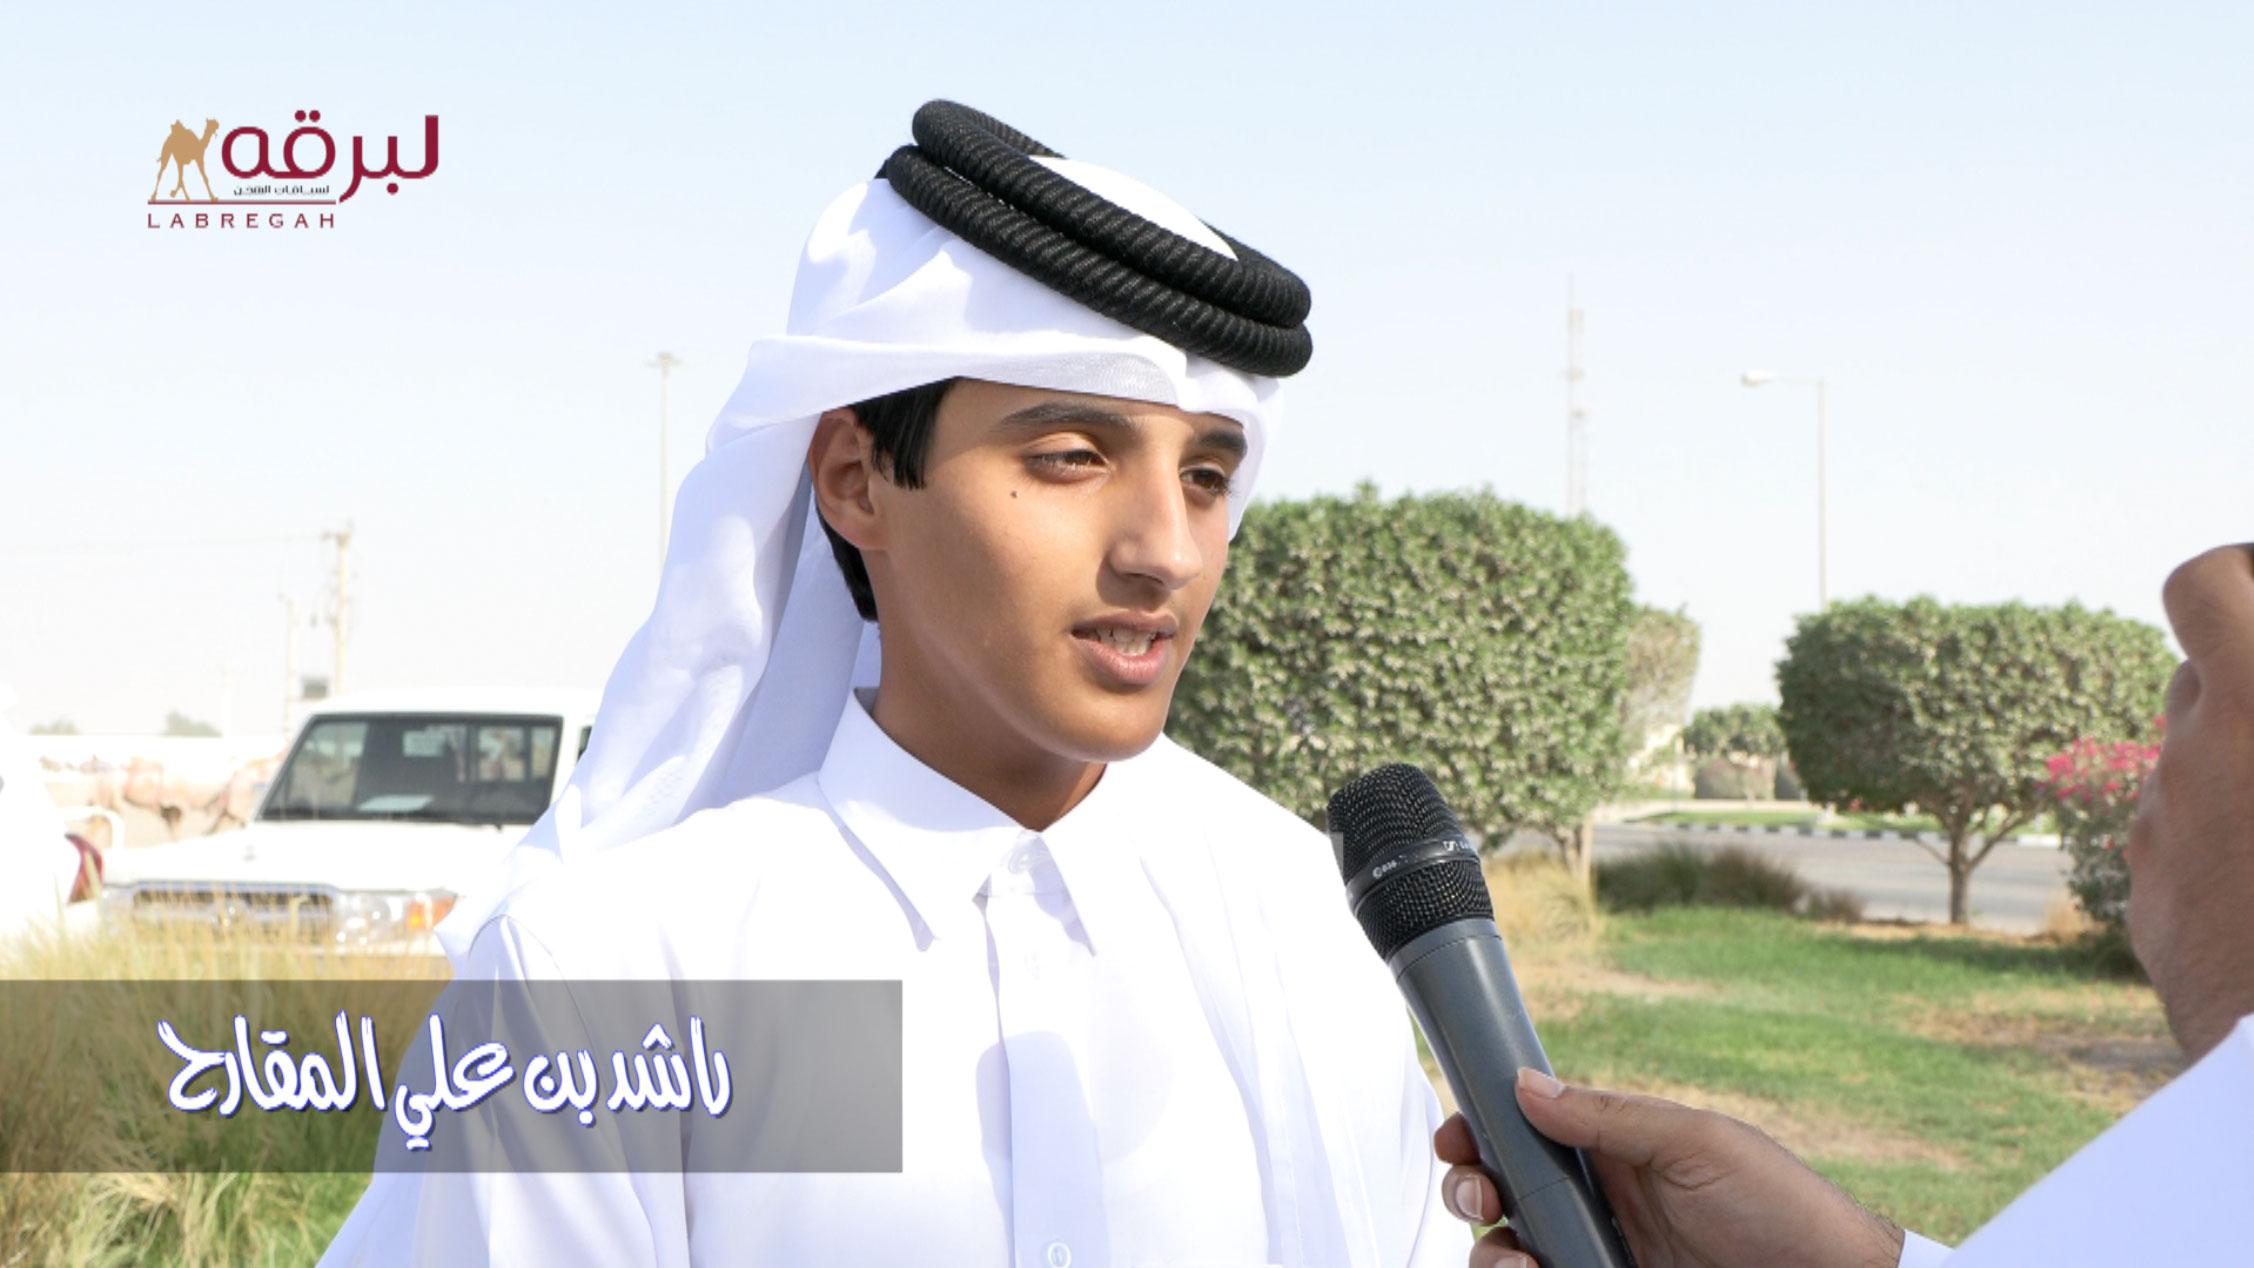 لقاء مع راشد بن علي المقارح.. الشوط الرئيسي للثنايا بكار (مفتوح) ميدان الشحانية ١٠-٩-٢٠٢١